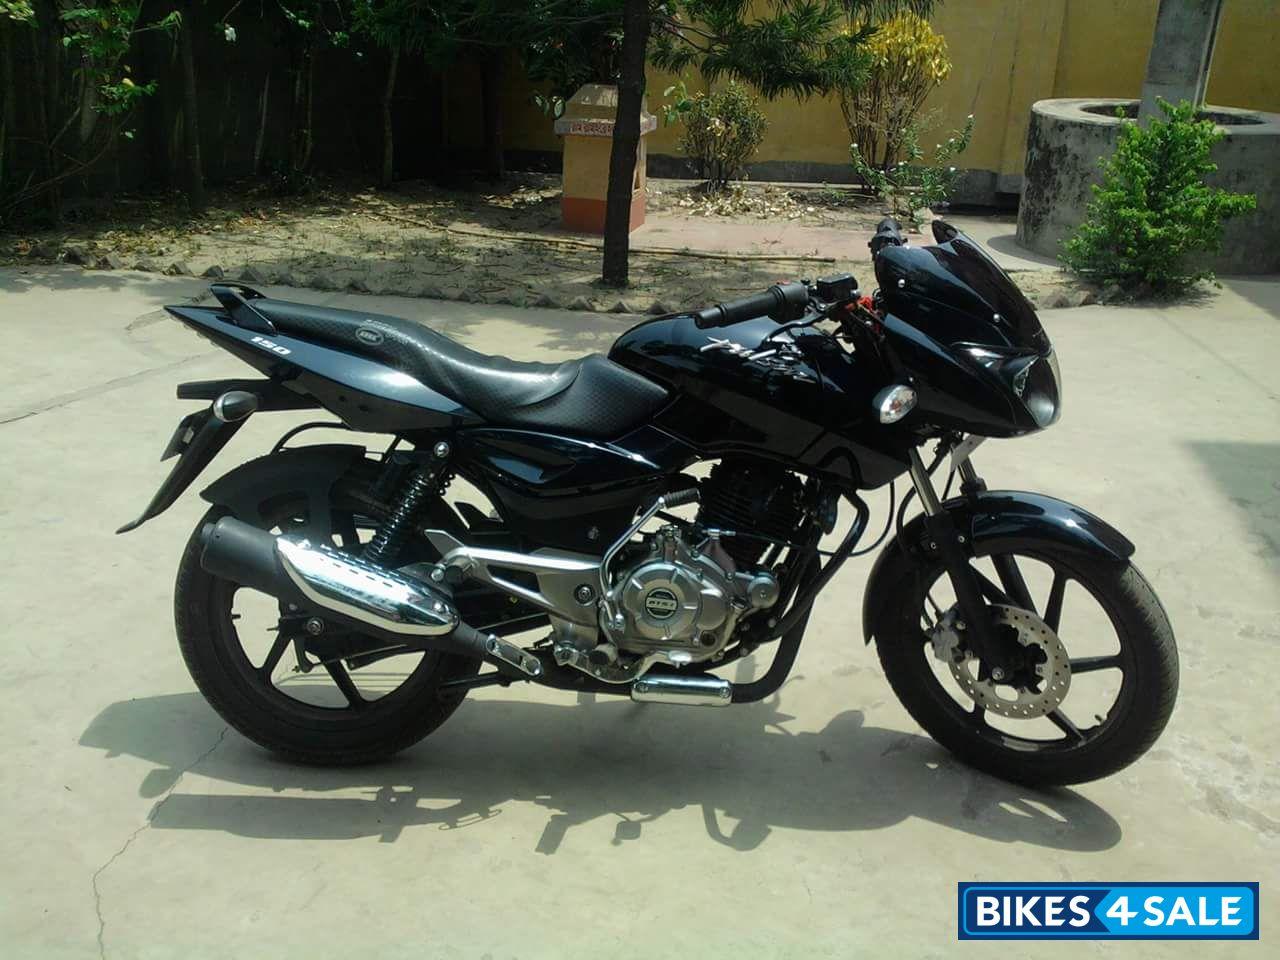 Black Bajaj Pulsar 150 Dtsi For Sale In Dhanbad Good